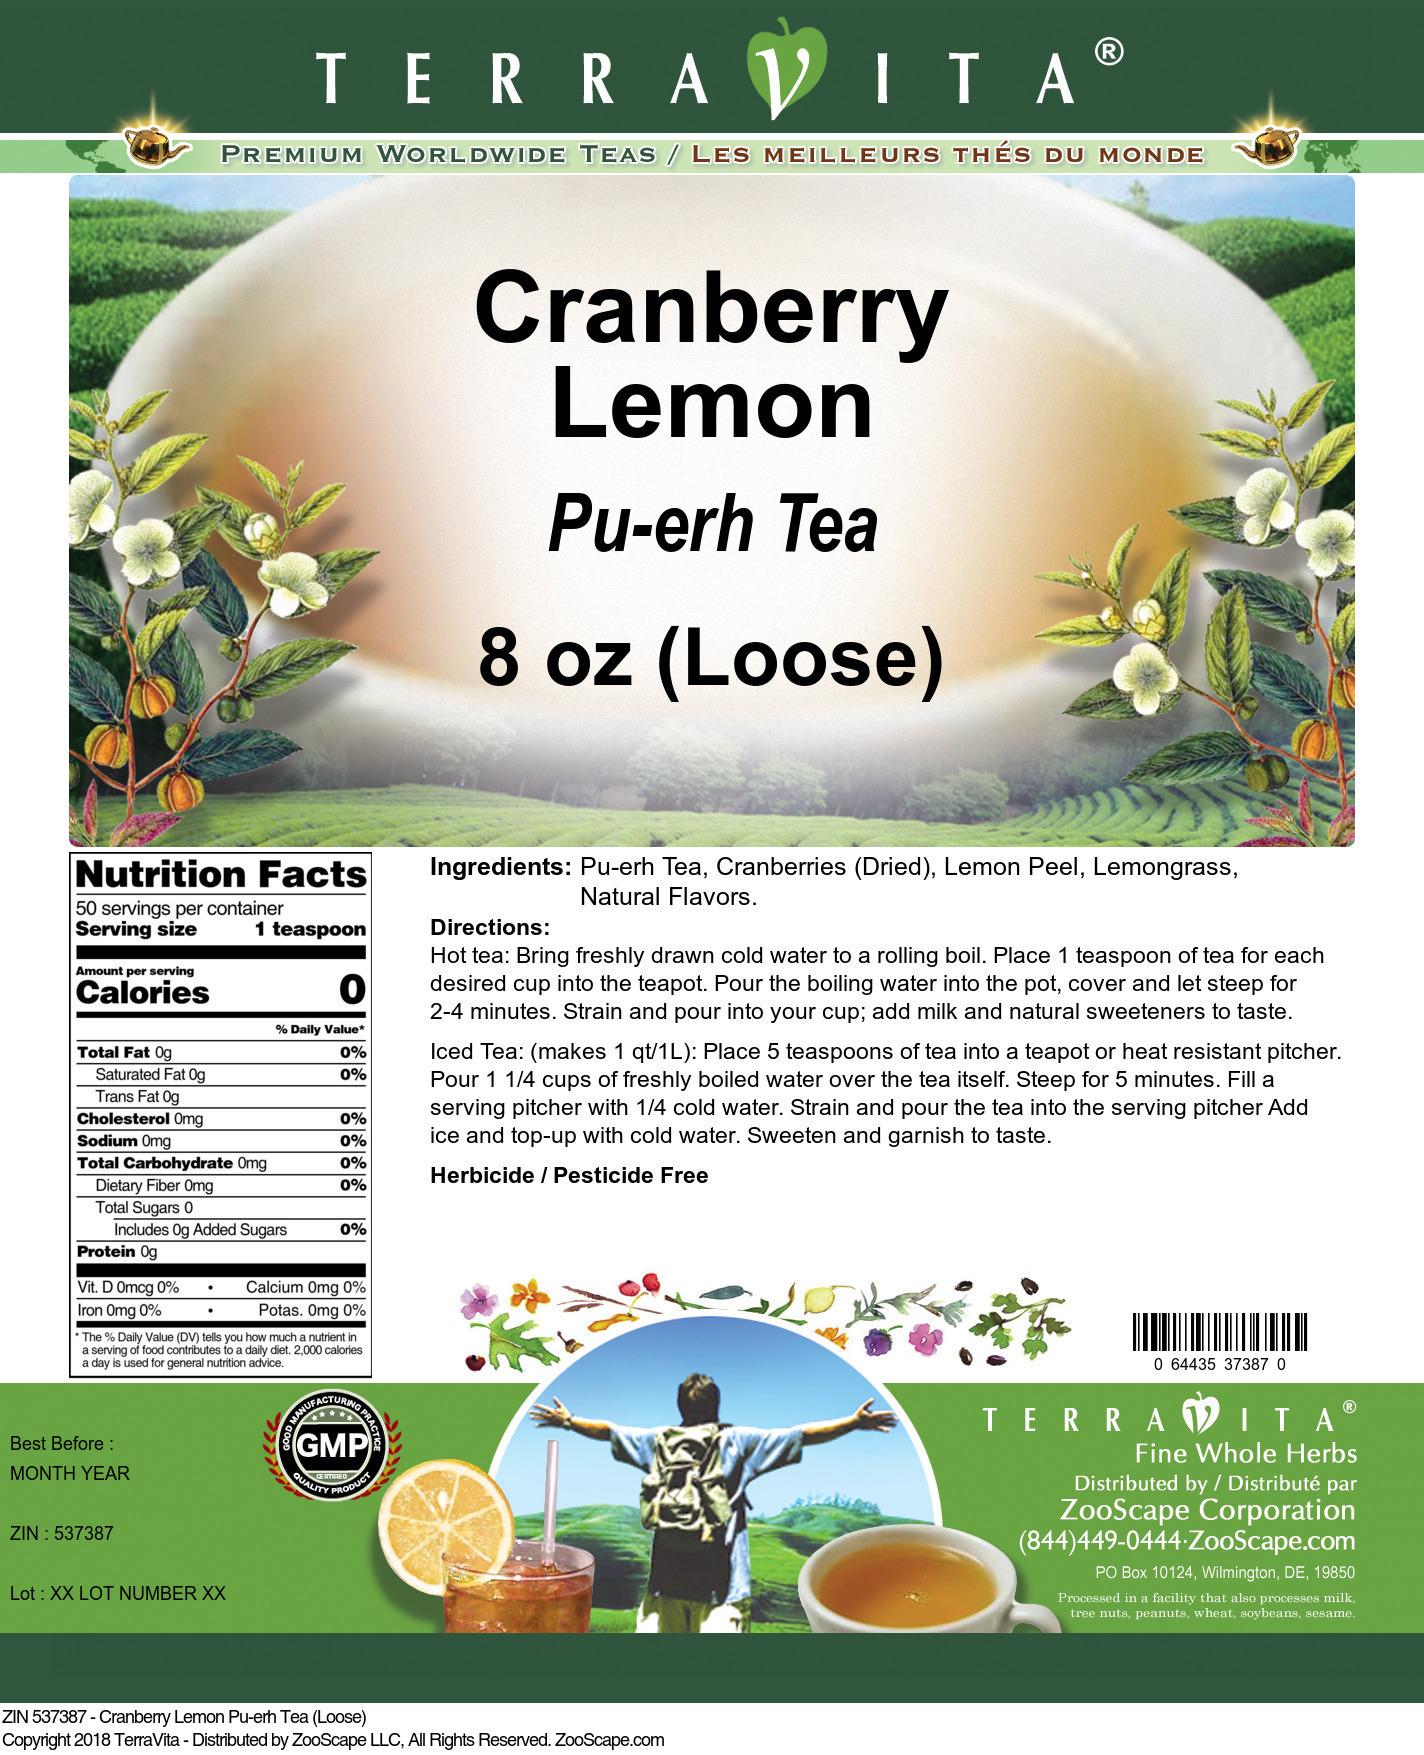 Cranberry Lemon Pu-erh Tea